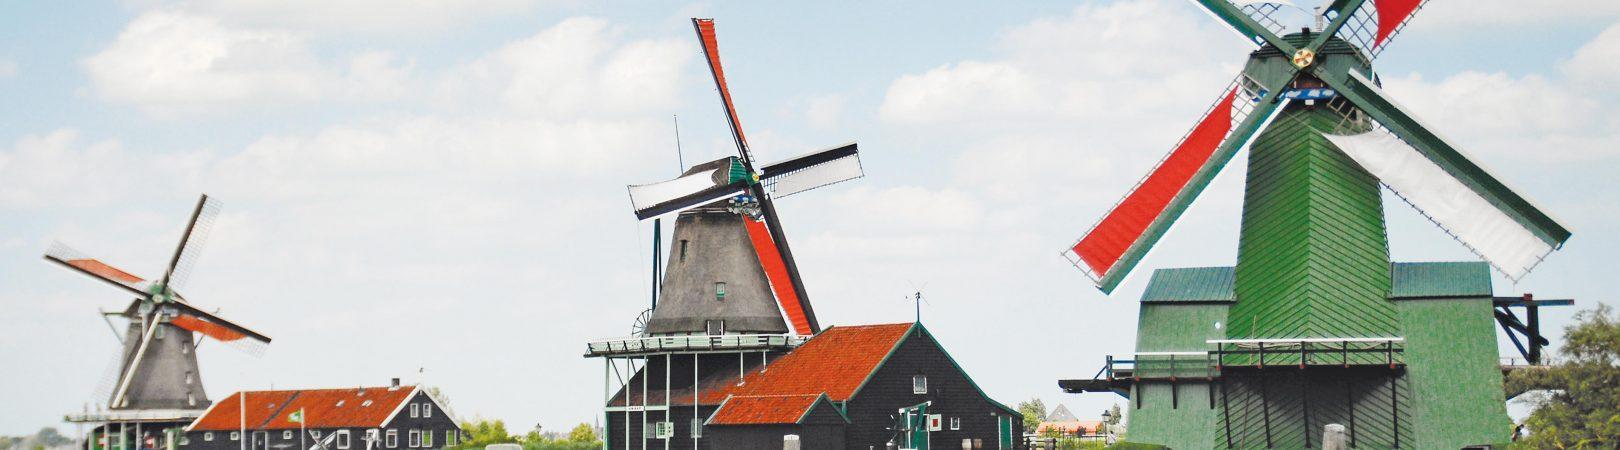 Holanda – Castelos, Museus e  Moinhos